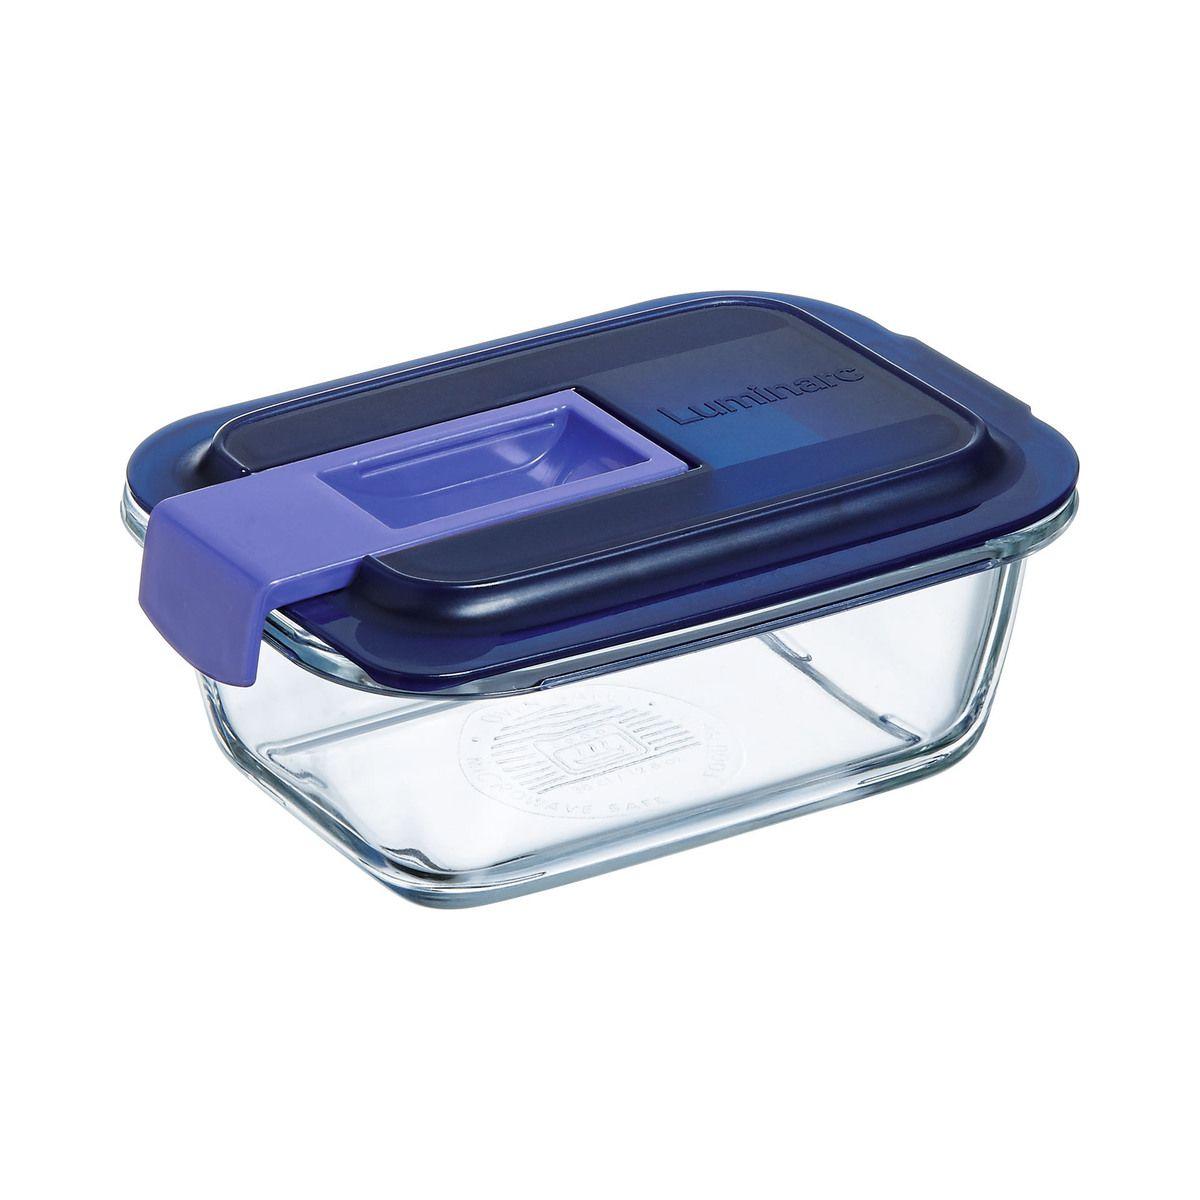 Boite hermetique Easy Box rectangulaire en verre 38cl 14.2x10.4x6cm - Luminarc